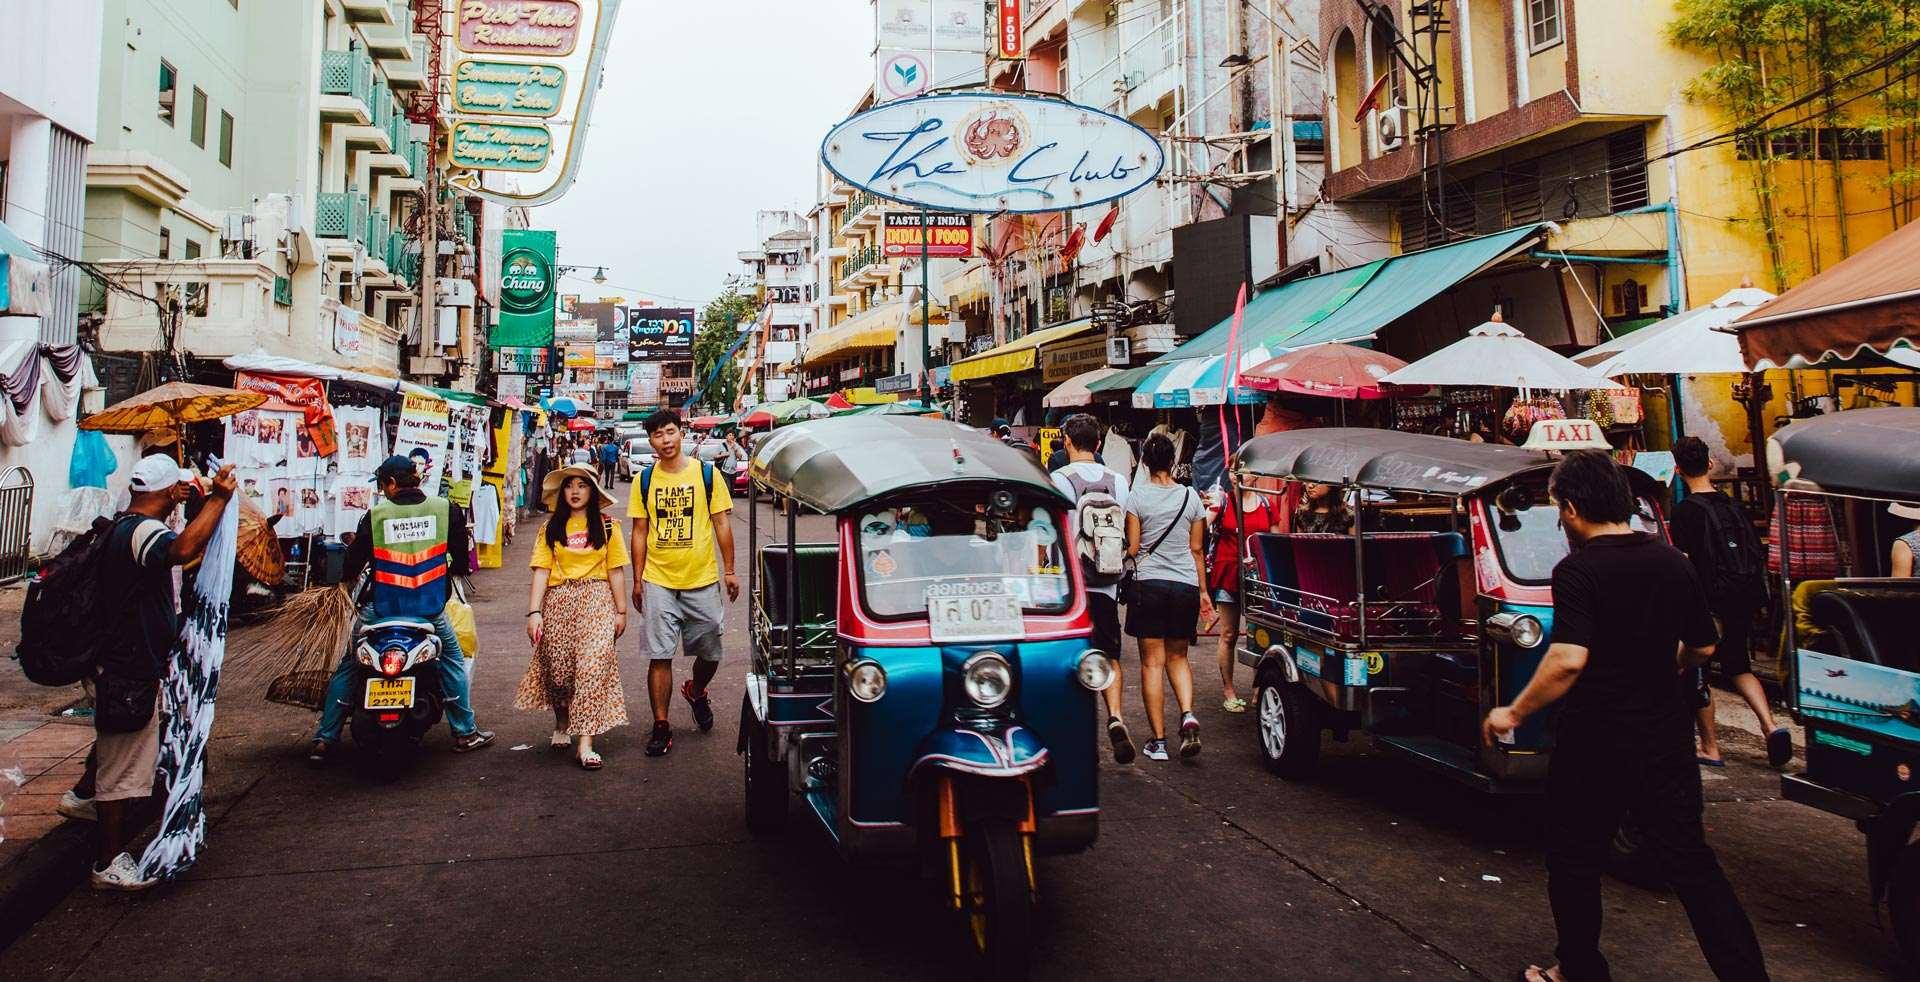 Du lịch Thái Lan và những điều cần biết